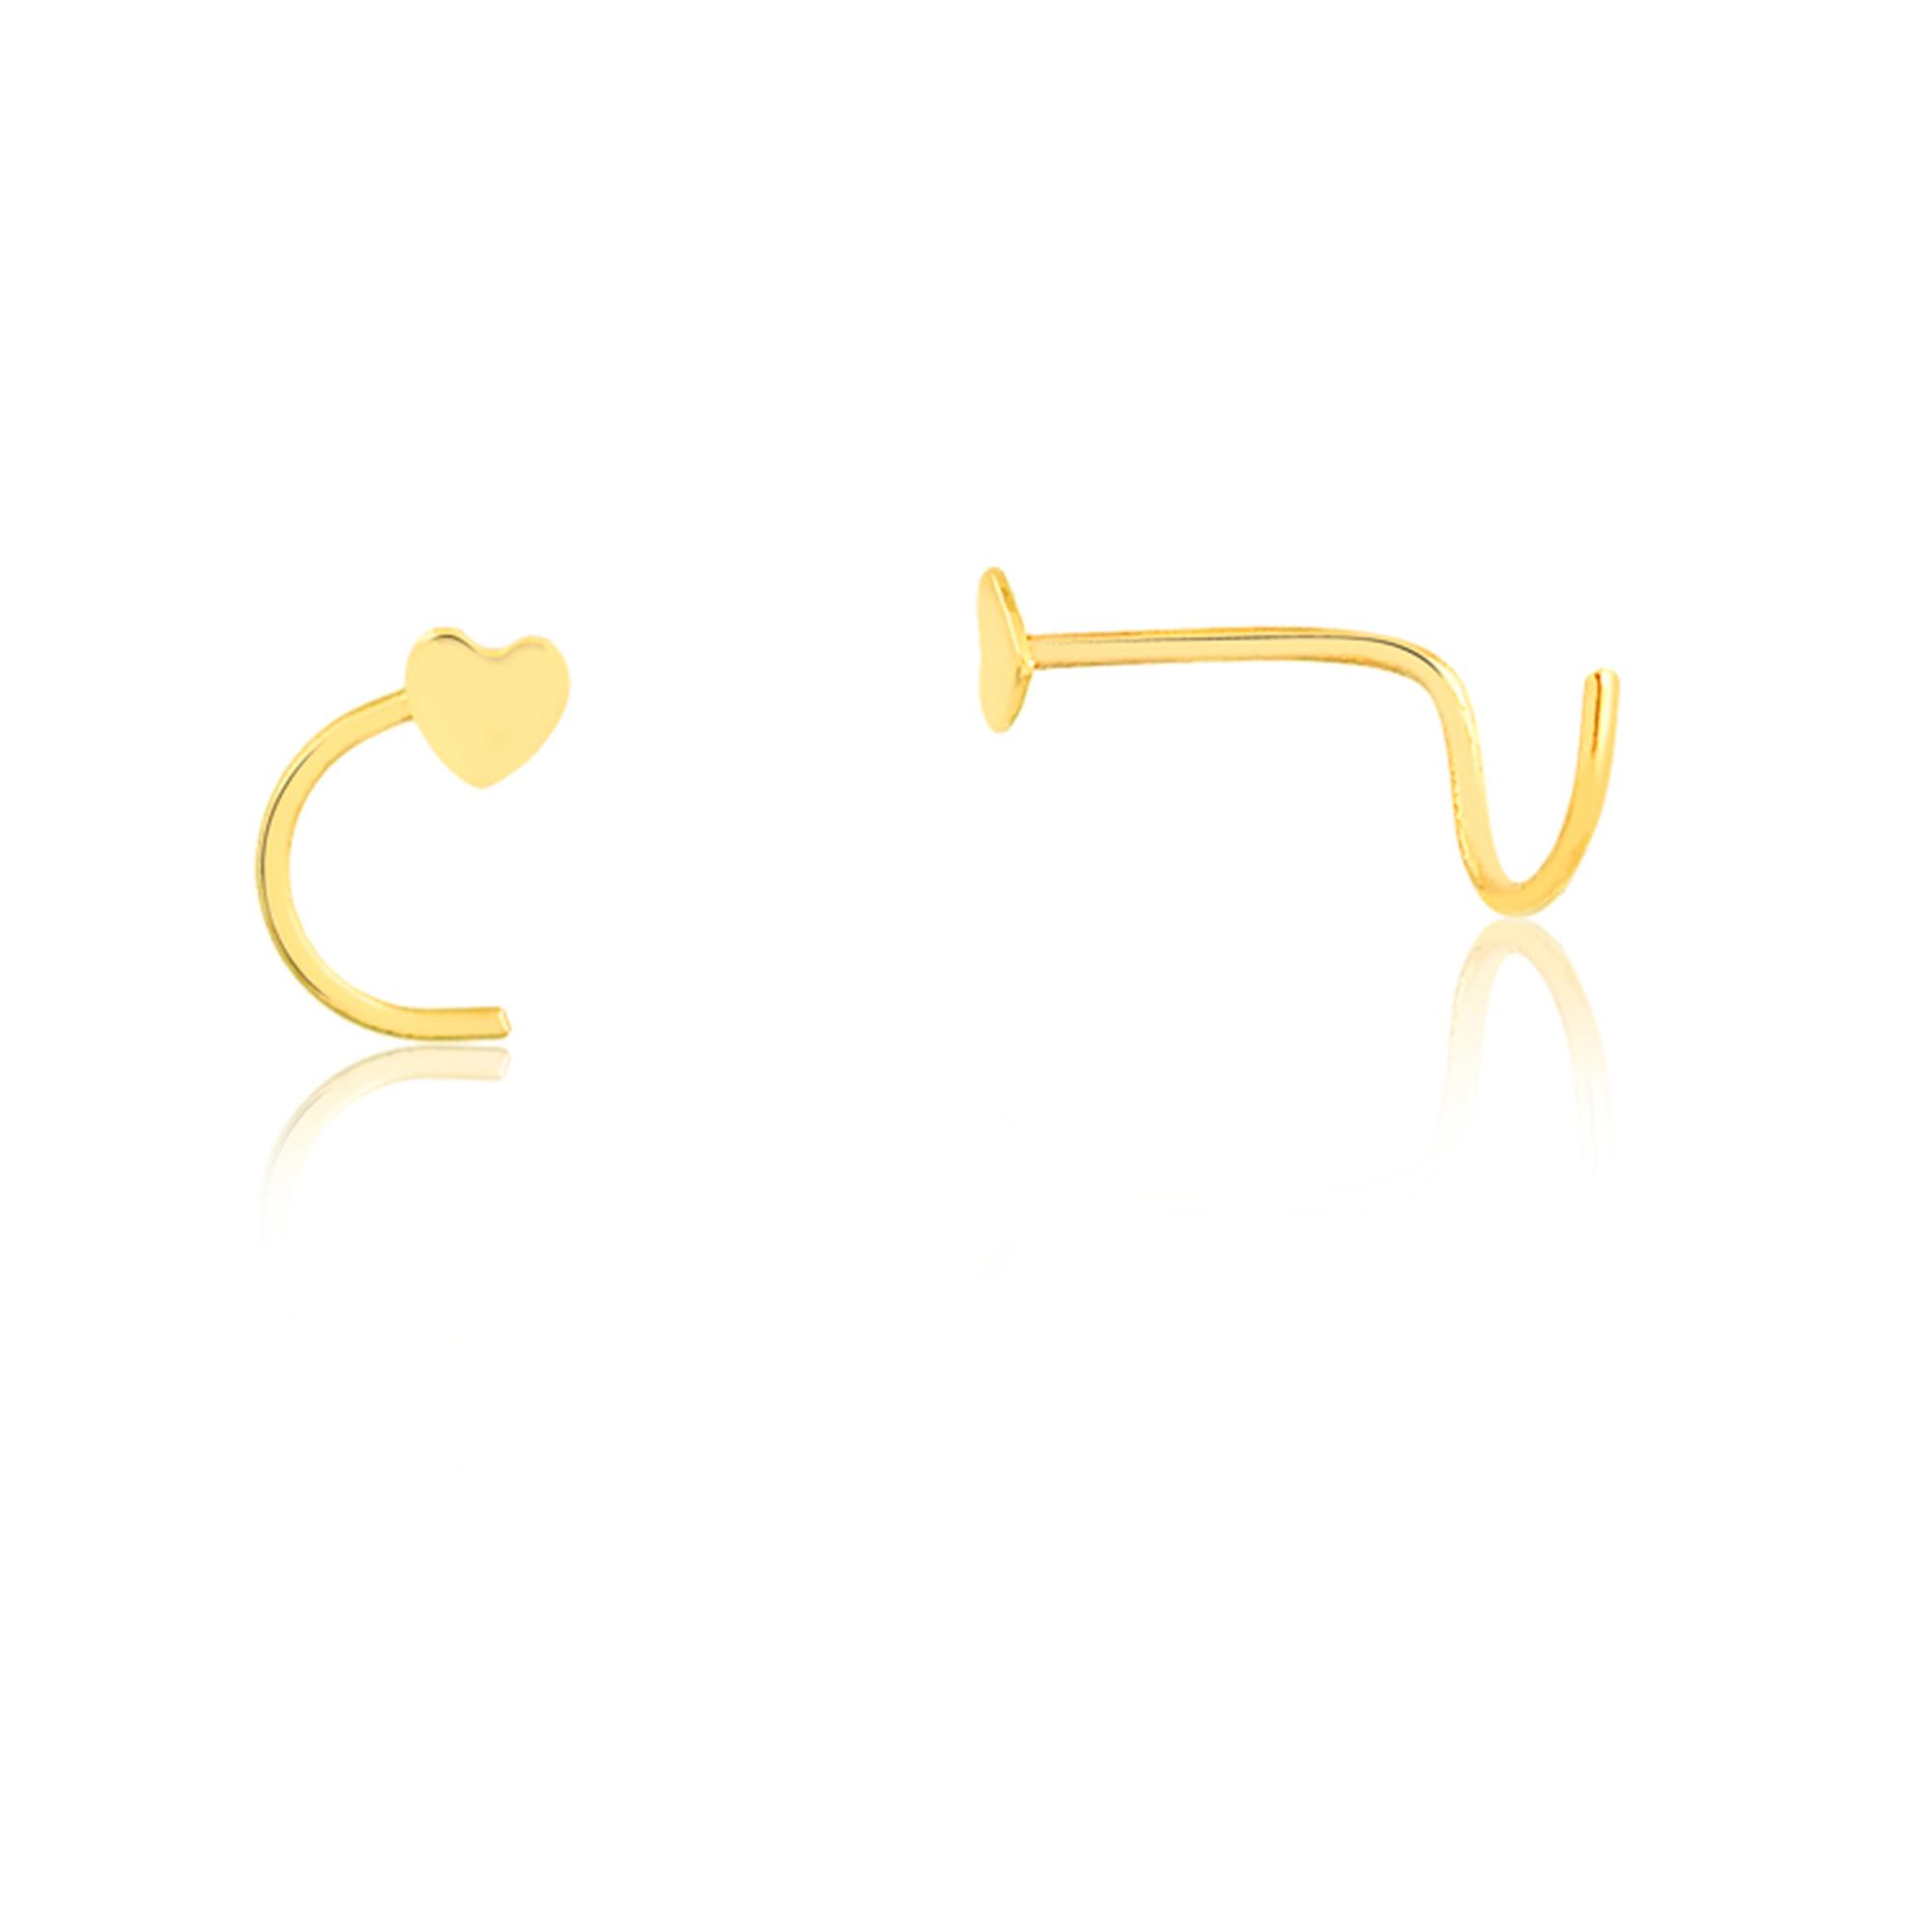 Piercing de Ouro Feminino Coração Piercing Nostril Ouro 18k